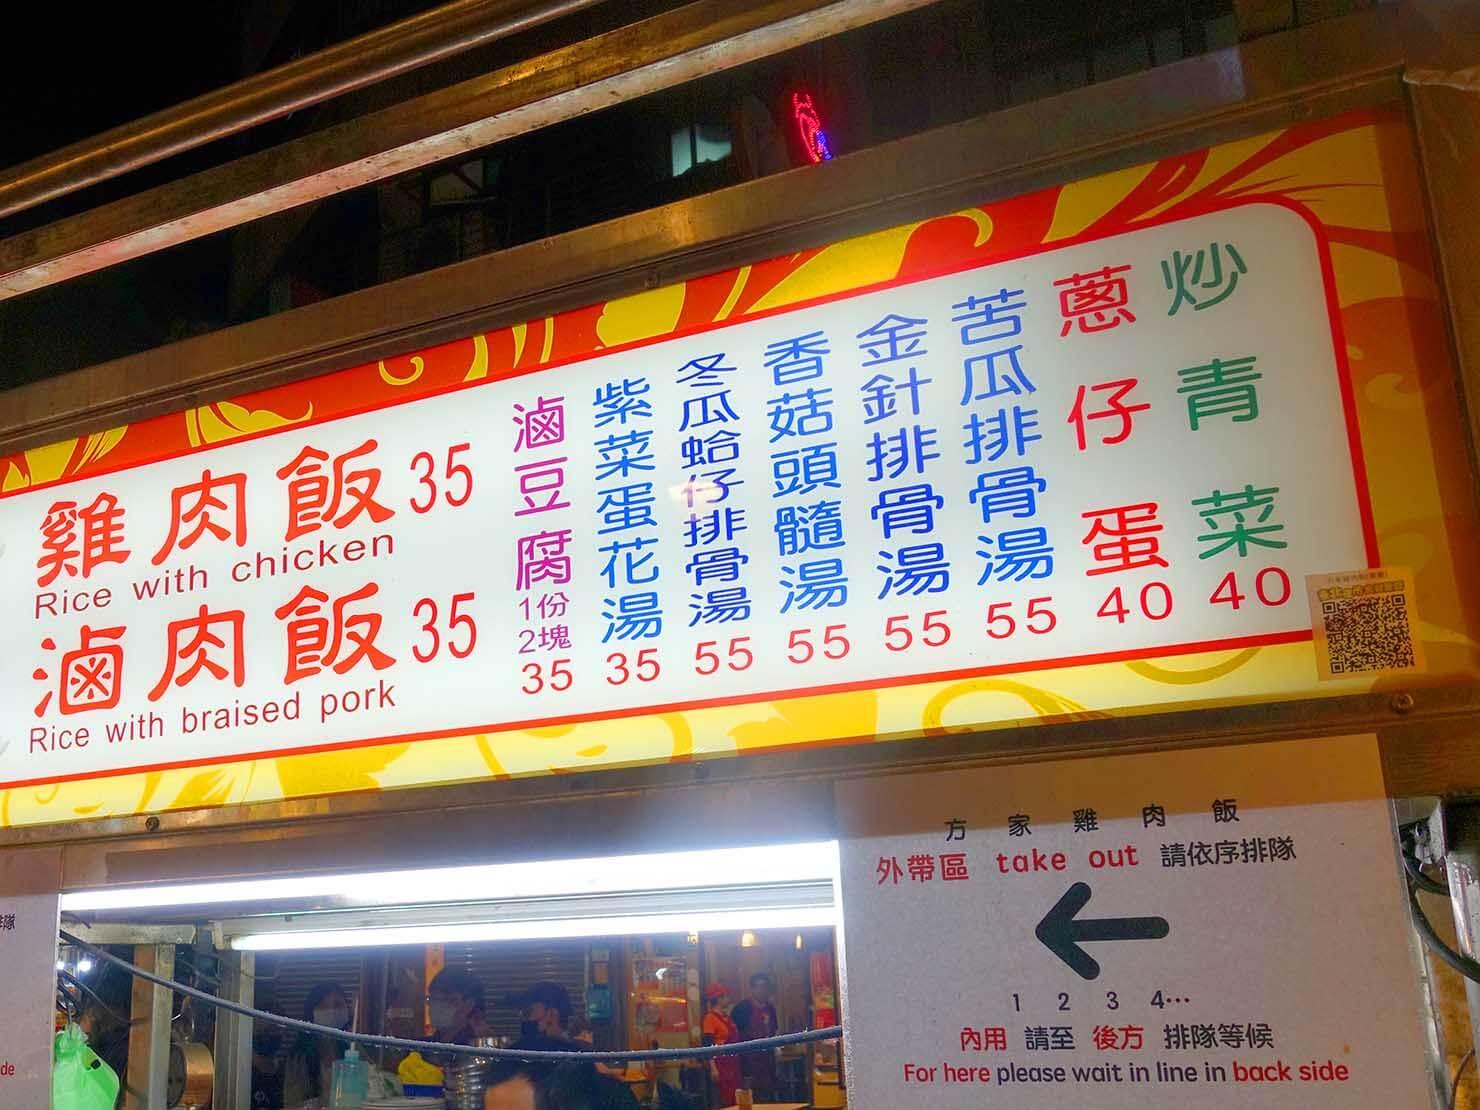 台北・寧夏夜市のおすすめグルメ店「方家雞肉飯」のメニュー